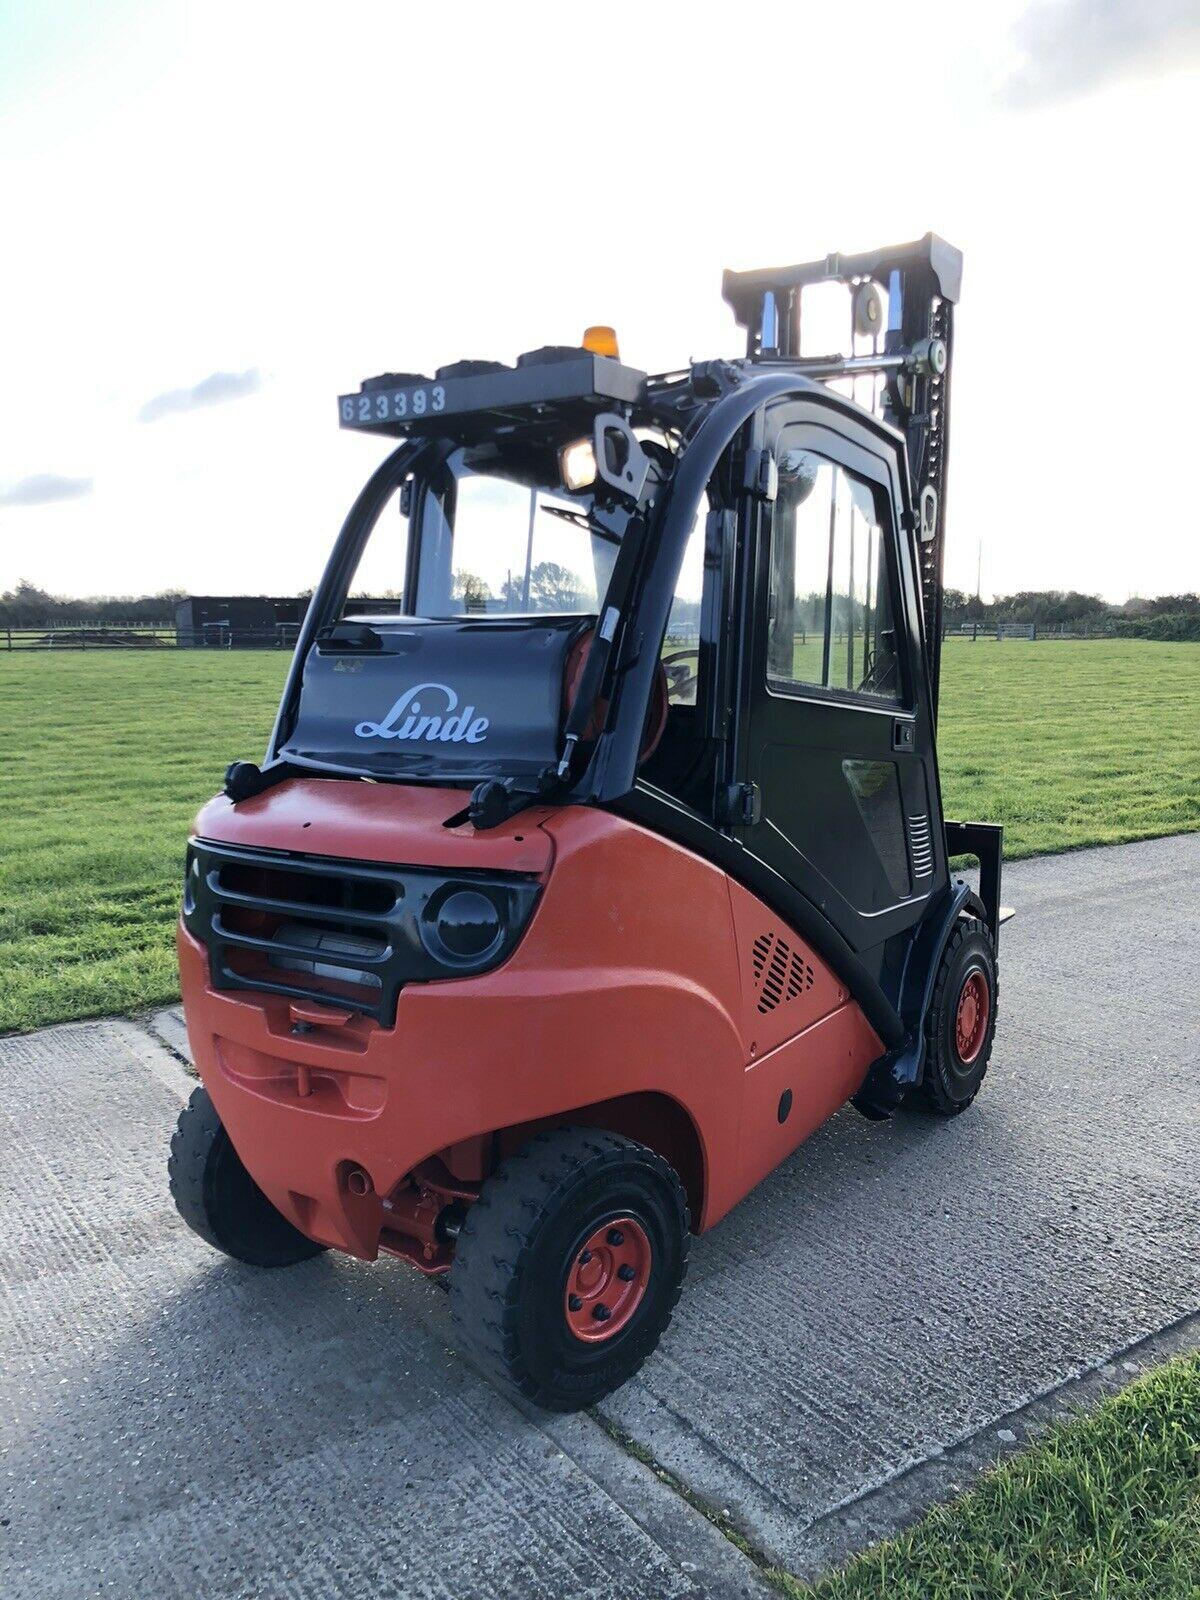 Linde H30t Gas Forklift - Image 5 of 7